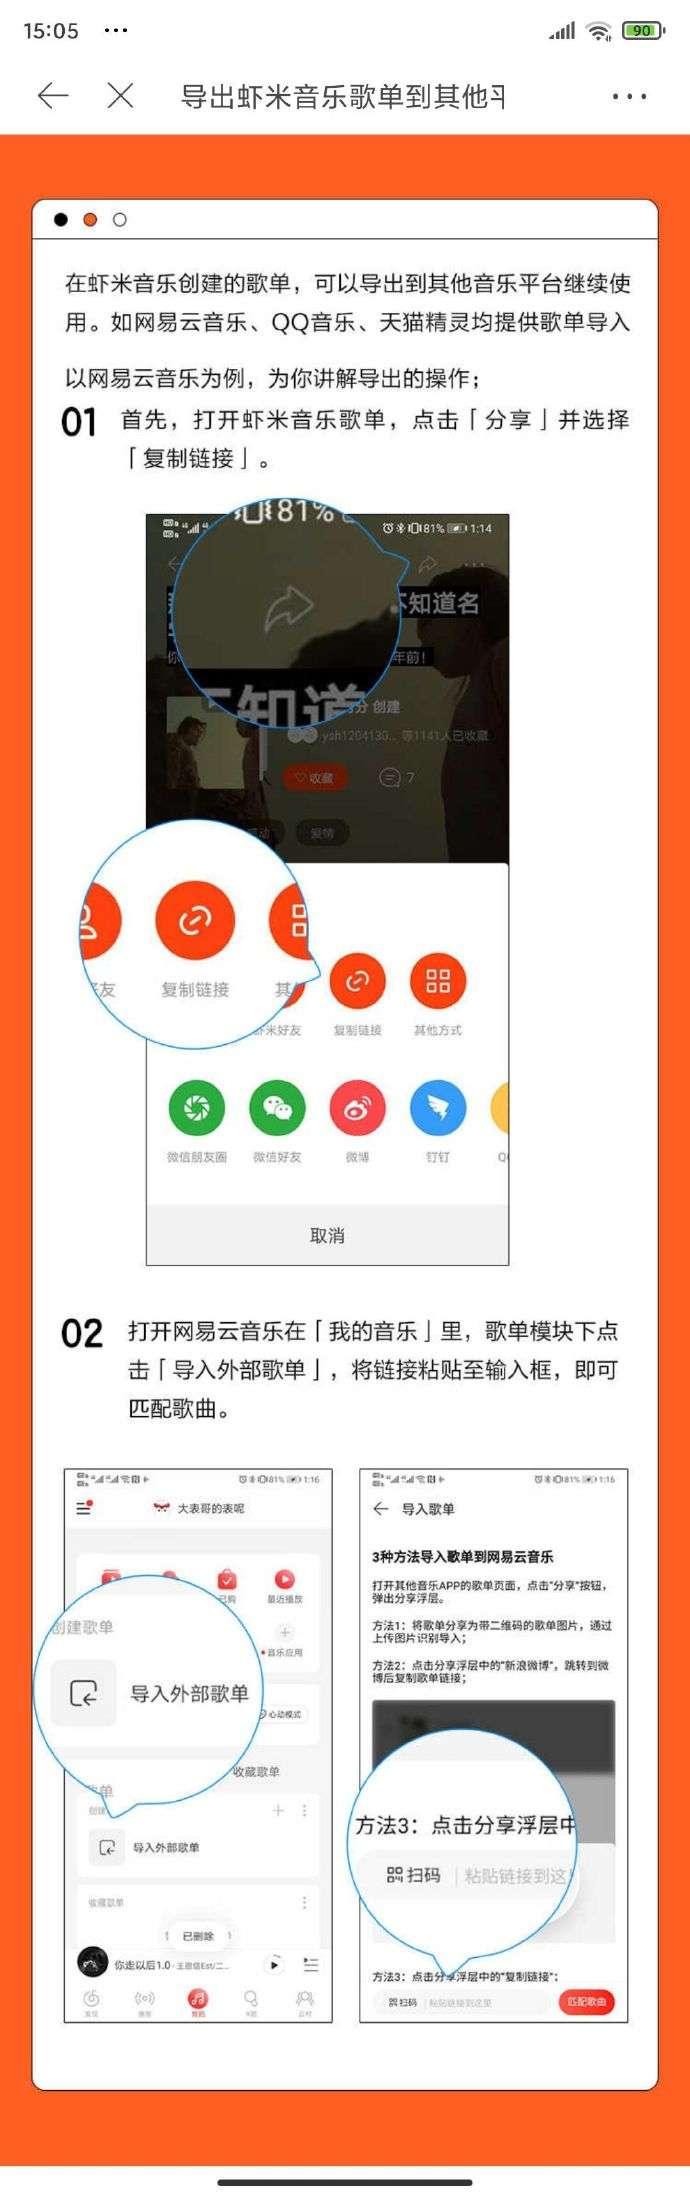 虾米音乐为什么关停 歌单导出到网易云音乐QQ音乐方法